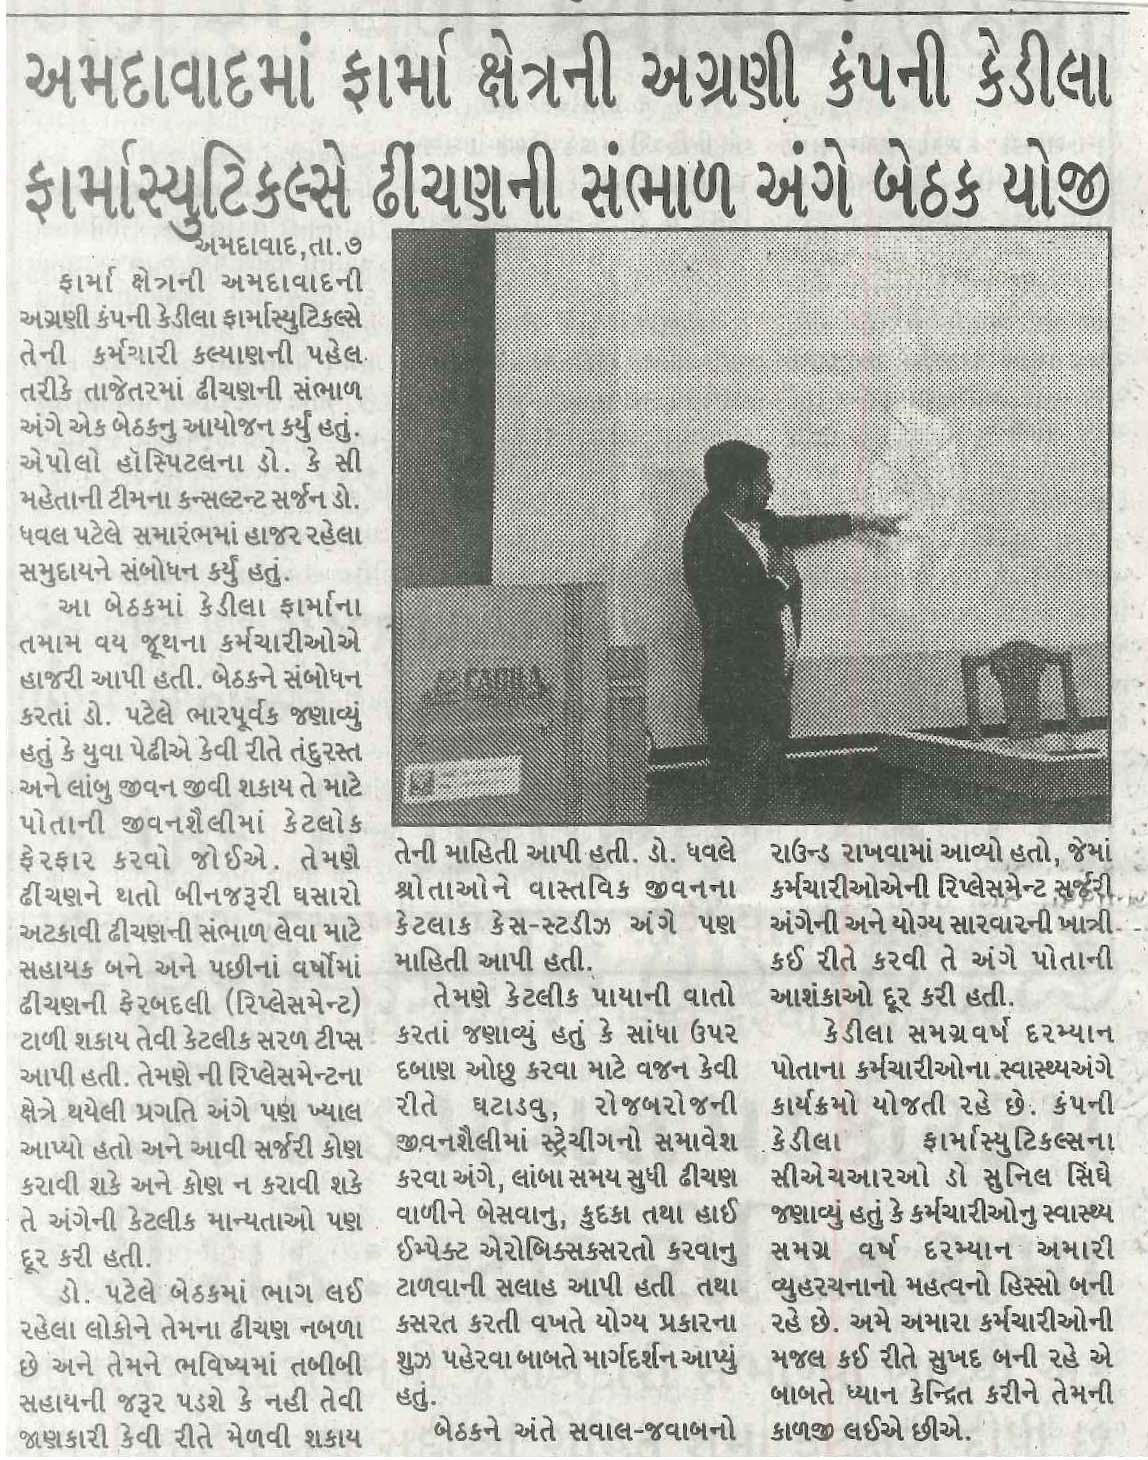 Sidha Samachar Coverage